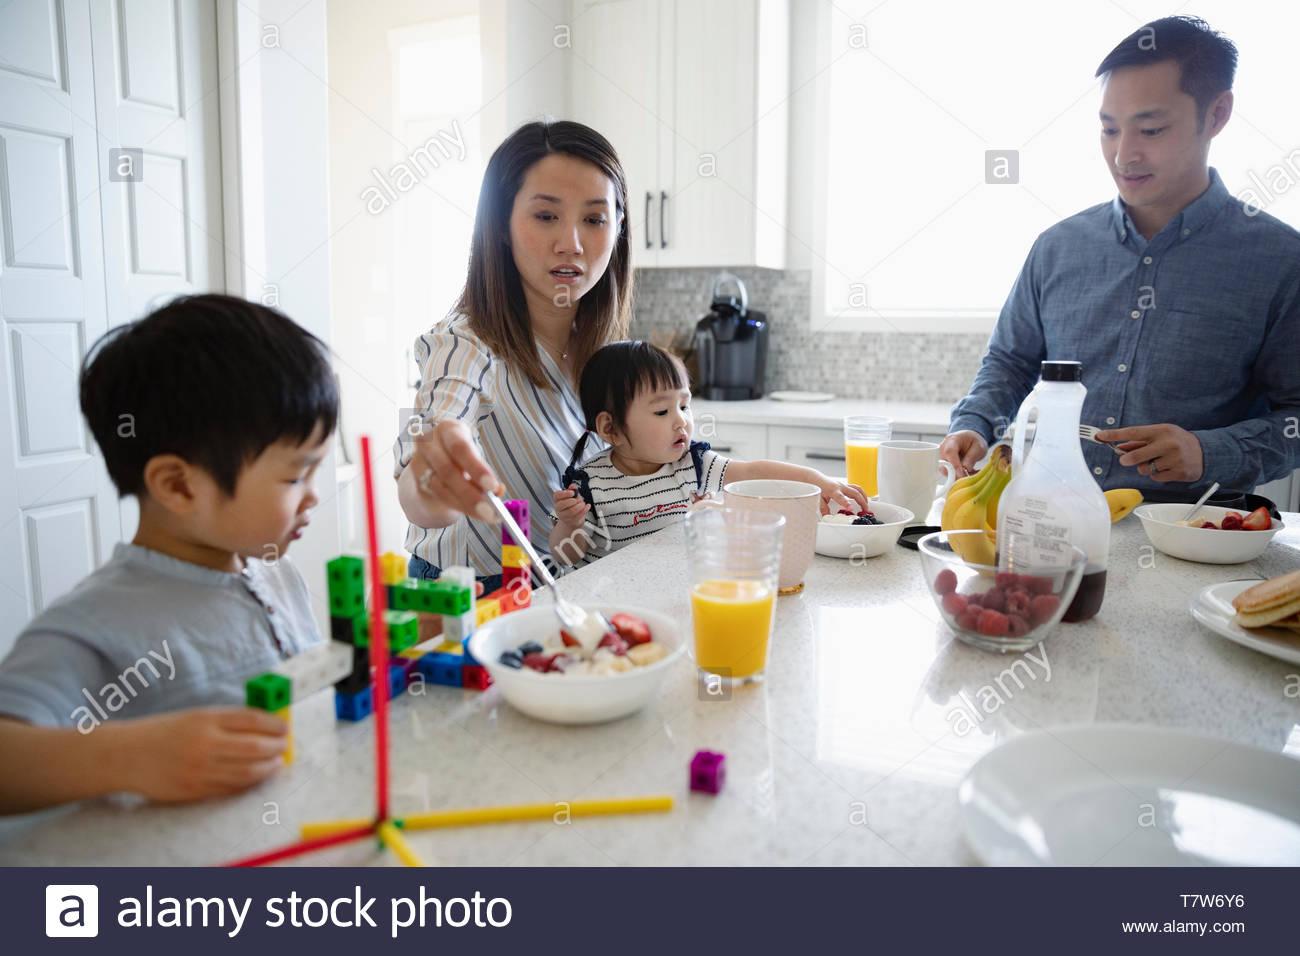 Le petit-déjeuner et repas de famille jouant avec des jouets dans la cuisine Banque D'Images